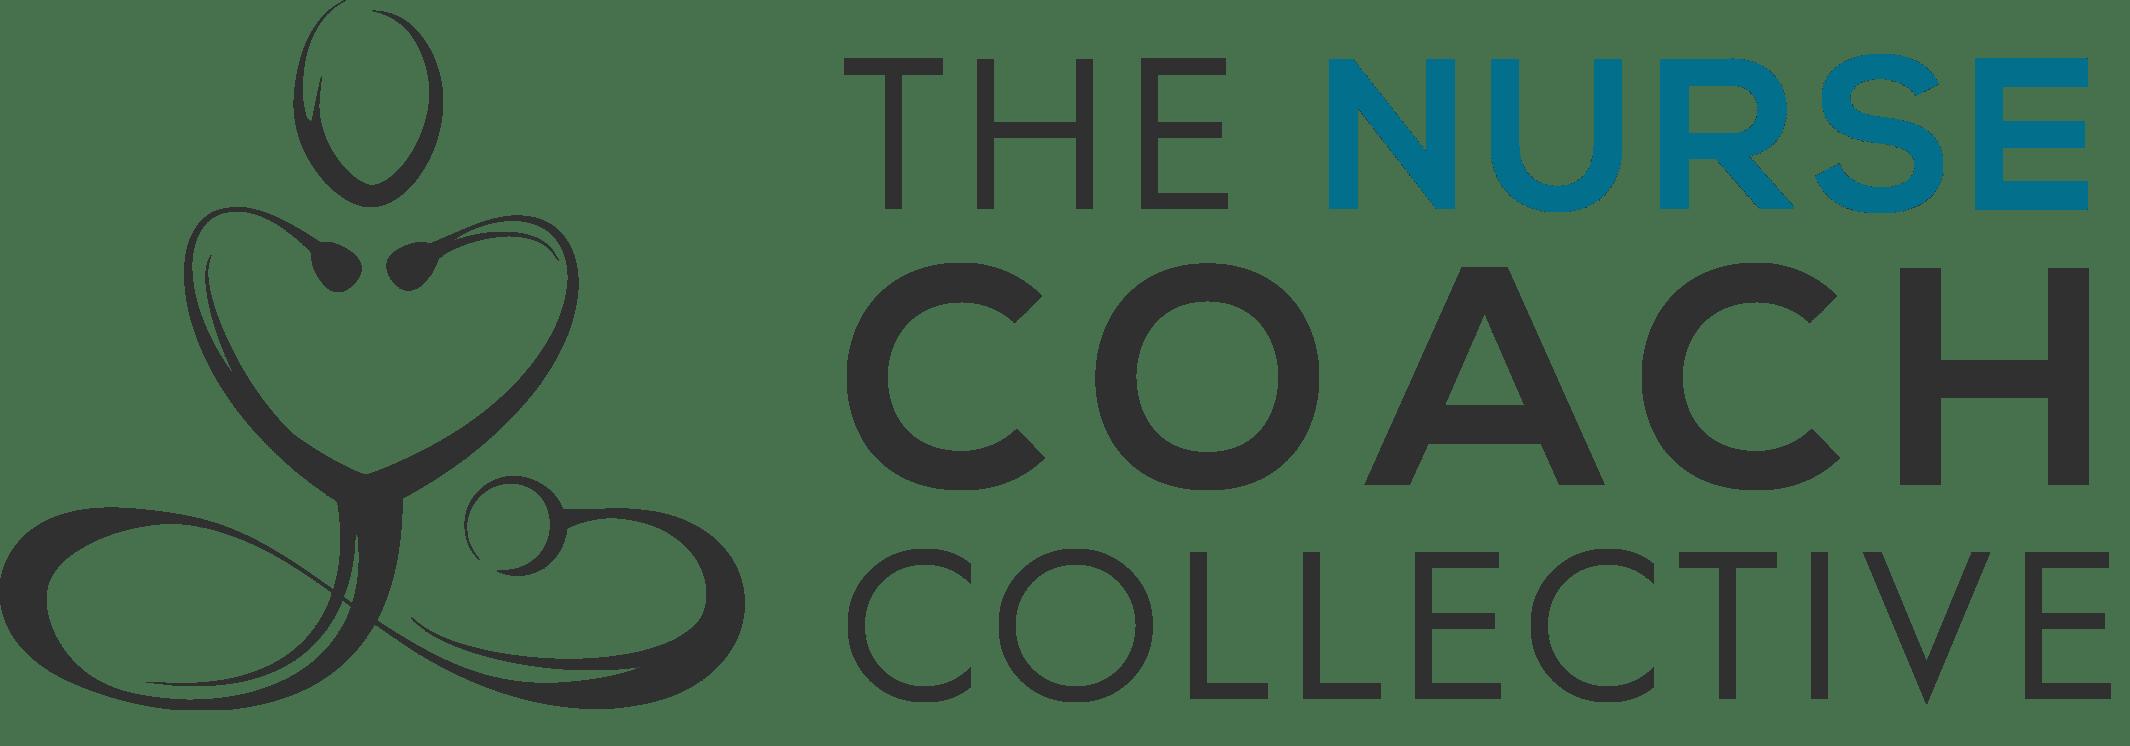 The Nurse Coach Collective